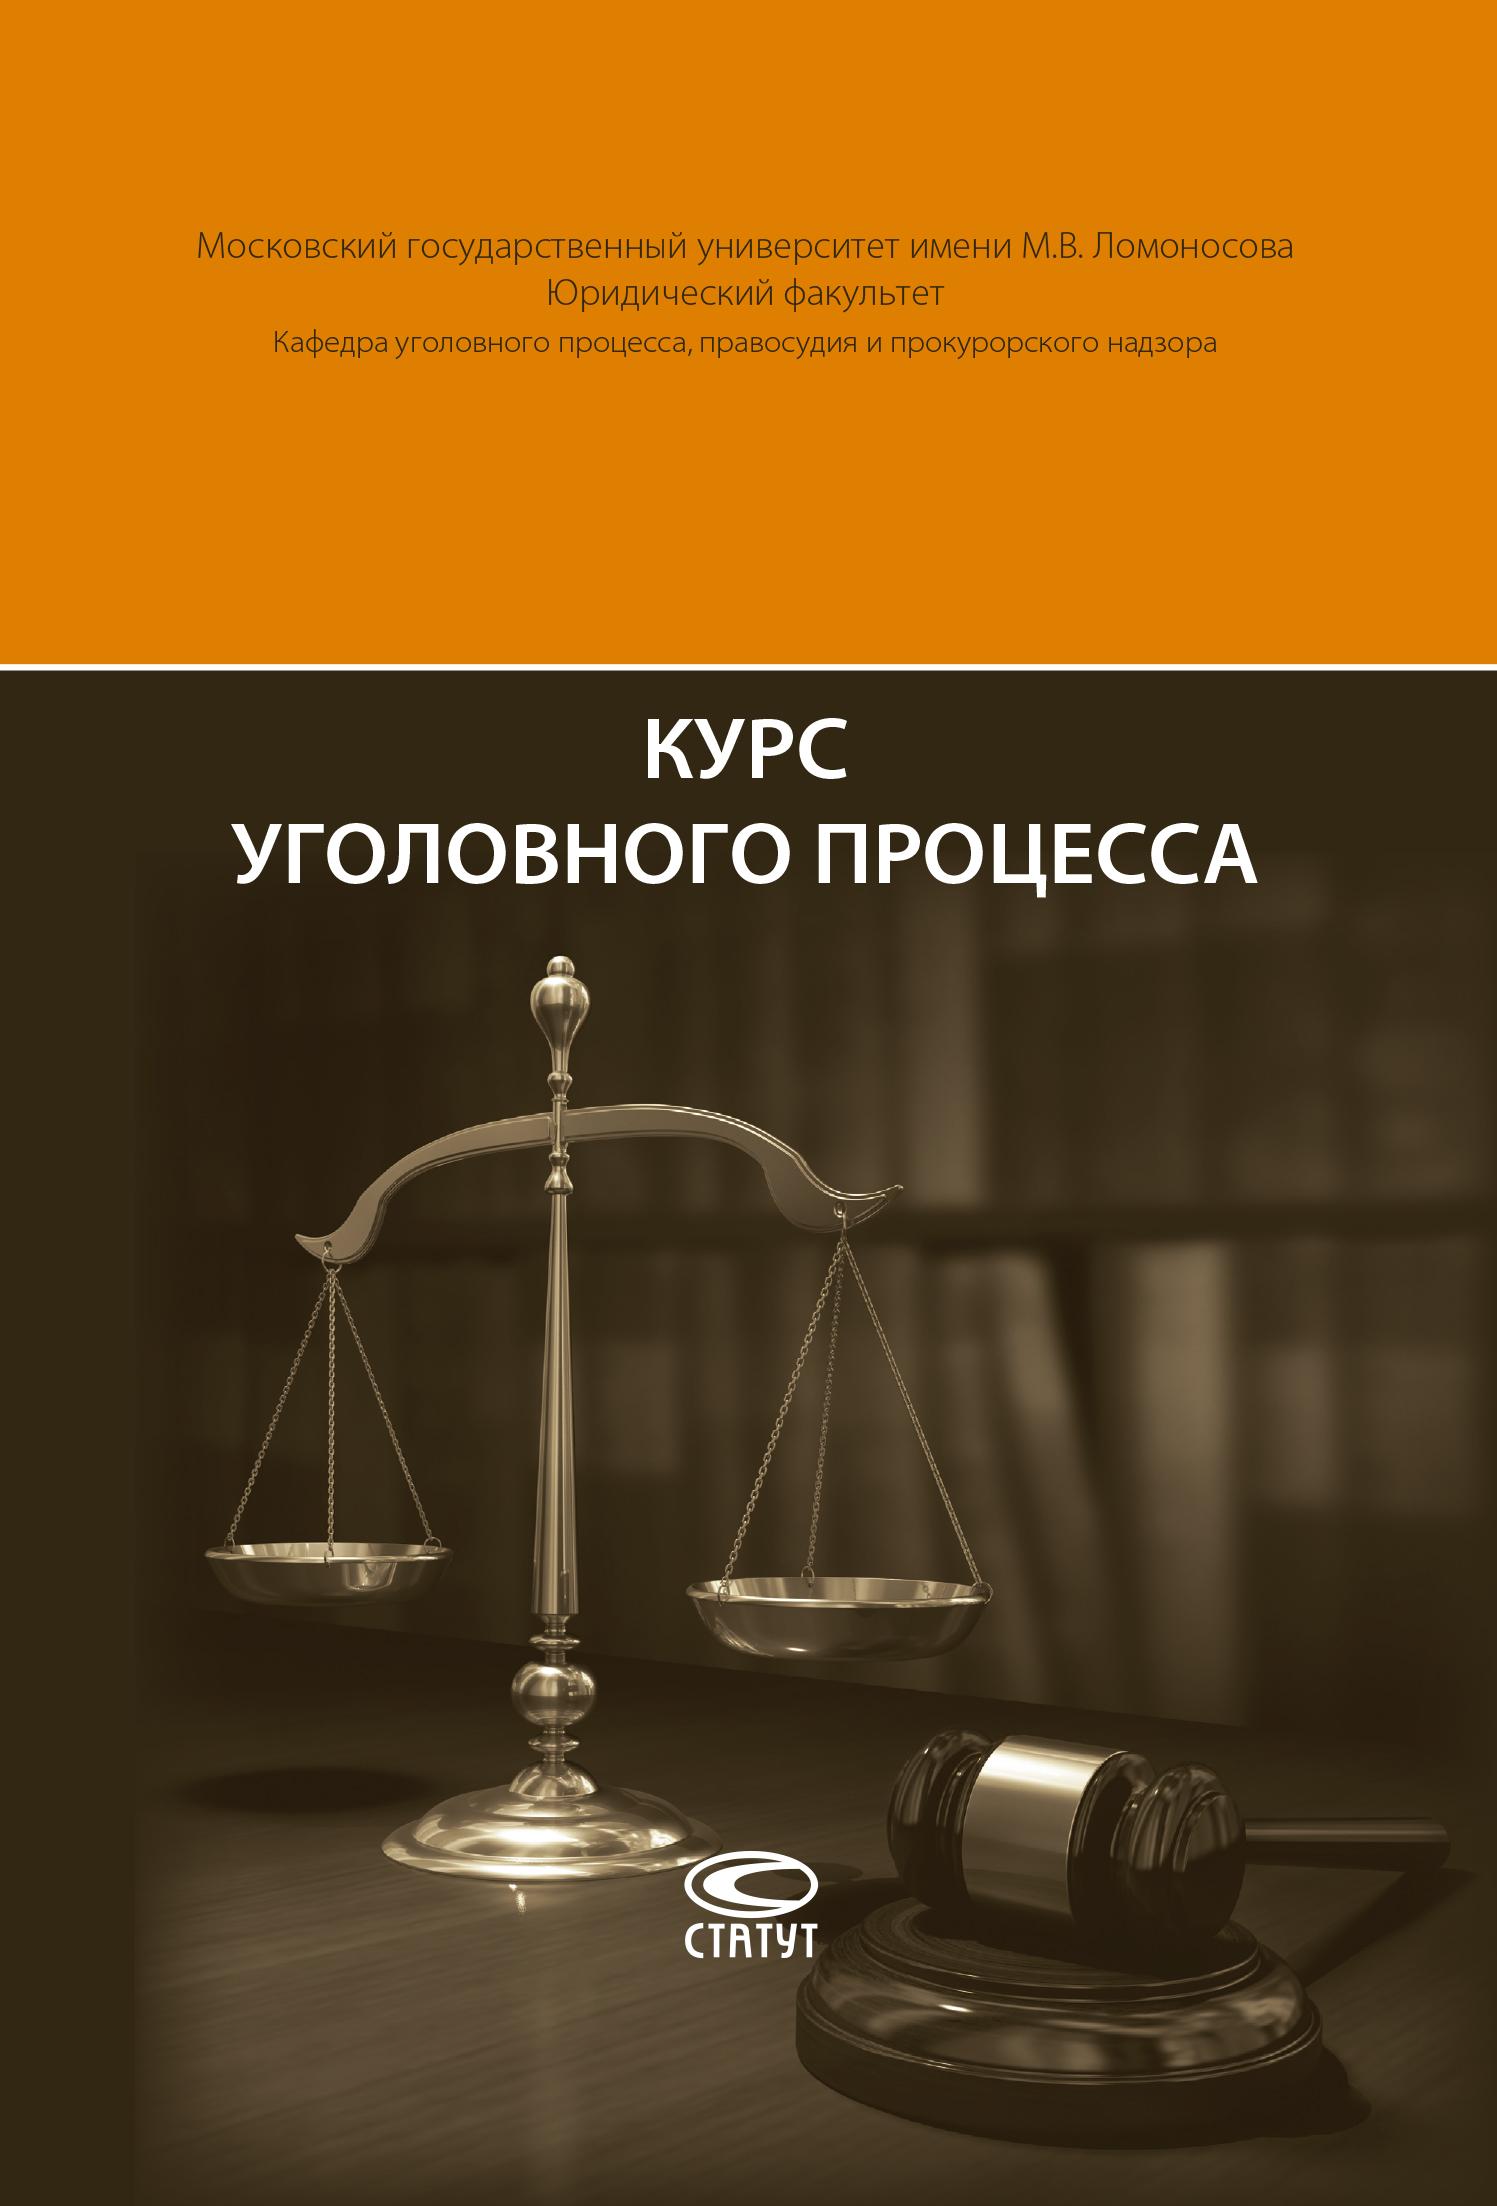 цена Леонид Головко Курс уголовного процесса в интернет-магазинах